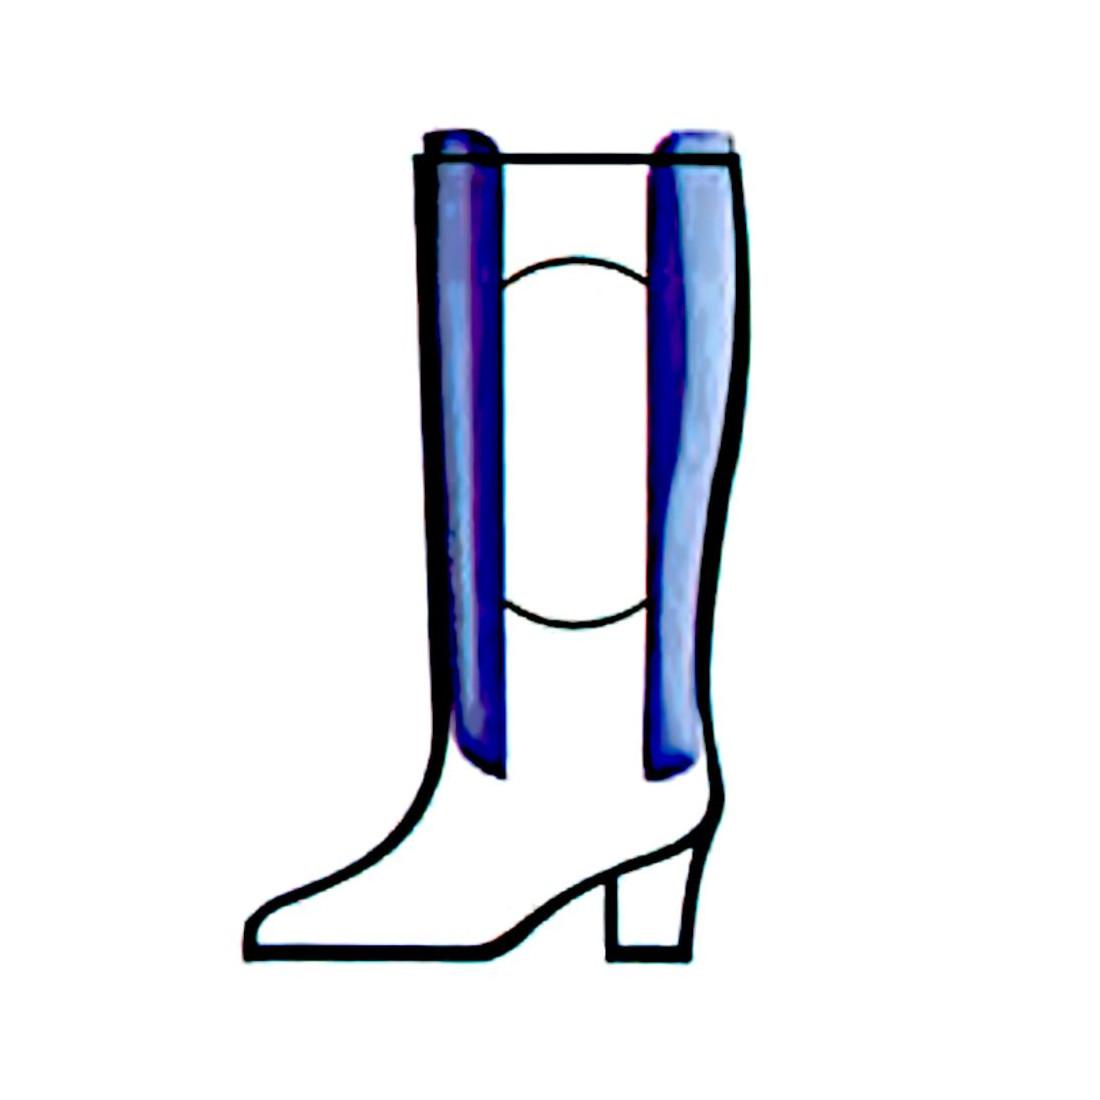 cura scarpe donna sangiorgio 740412000 tendistivale 8005